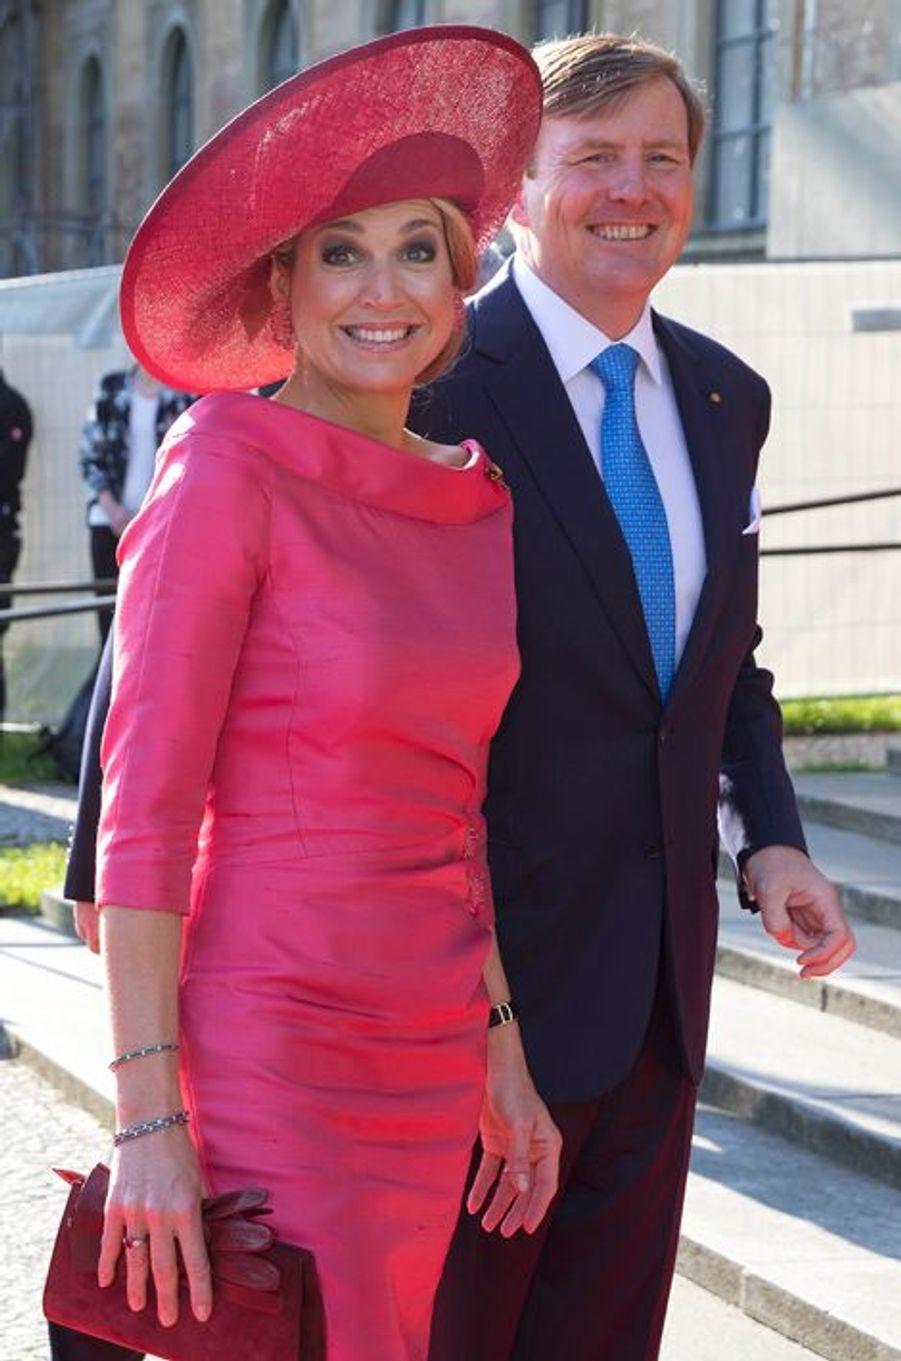 La reine Maxima et le roi Willem-Alexander des Pays-Bas à Munich, le 13 avril 2016